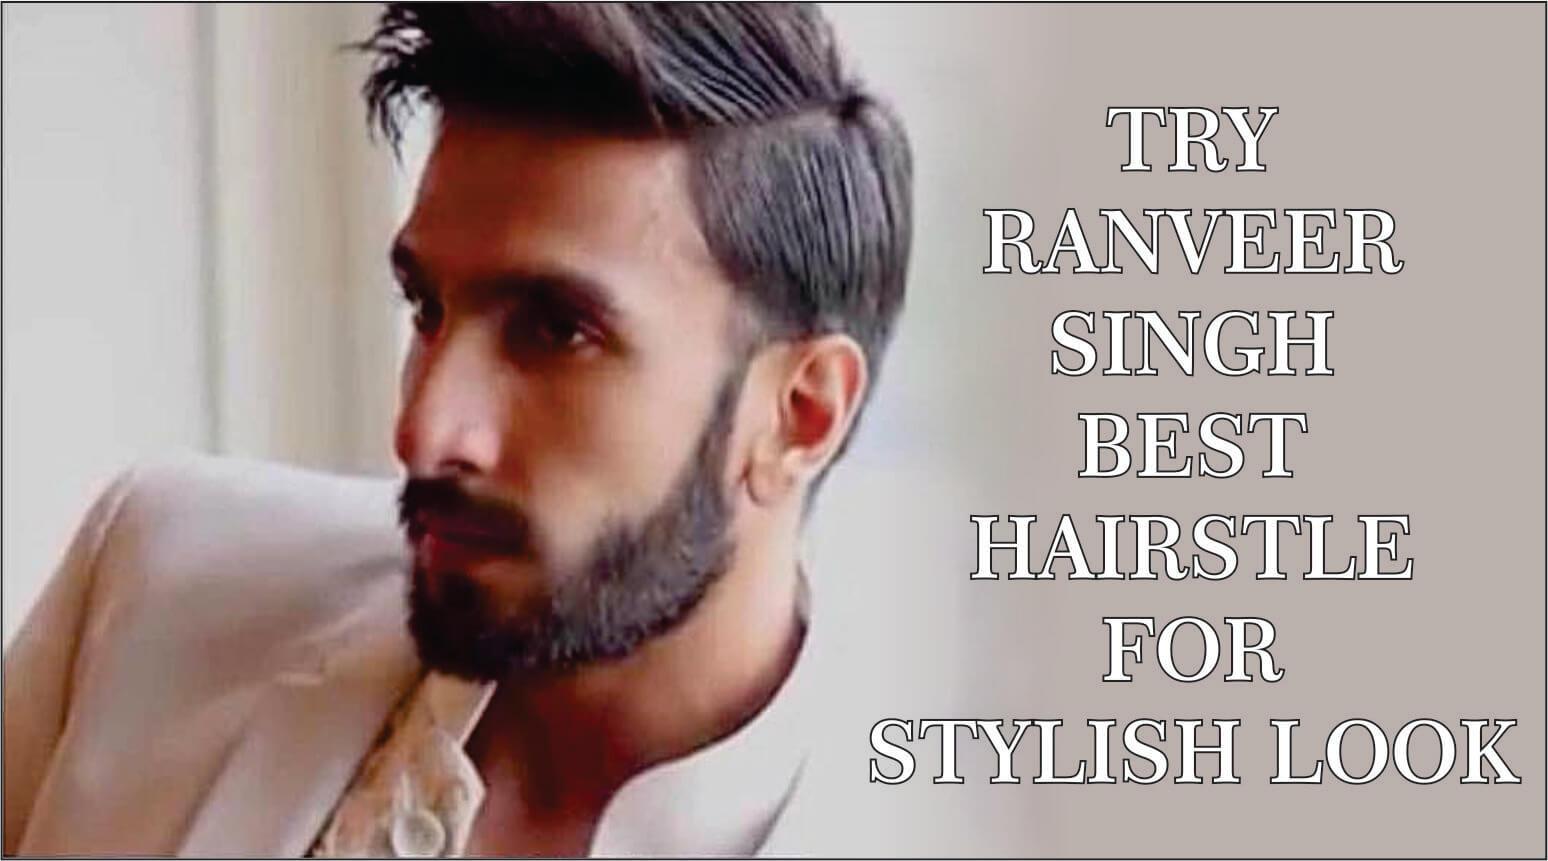 ranveer singh hairstyle photos, ranveer singh hairstyle image, ranveer singh all hairstyle, ranveer singh best hairstyle, ranveer singh ka hairstyle, ranvir singh long hairstyle